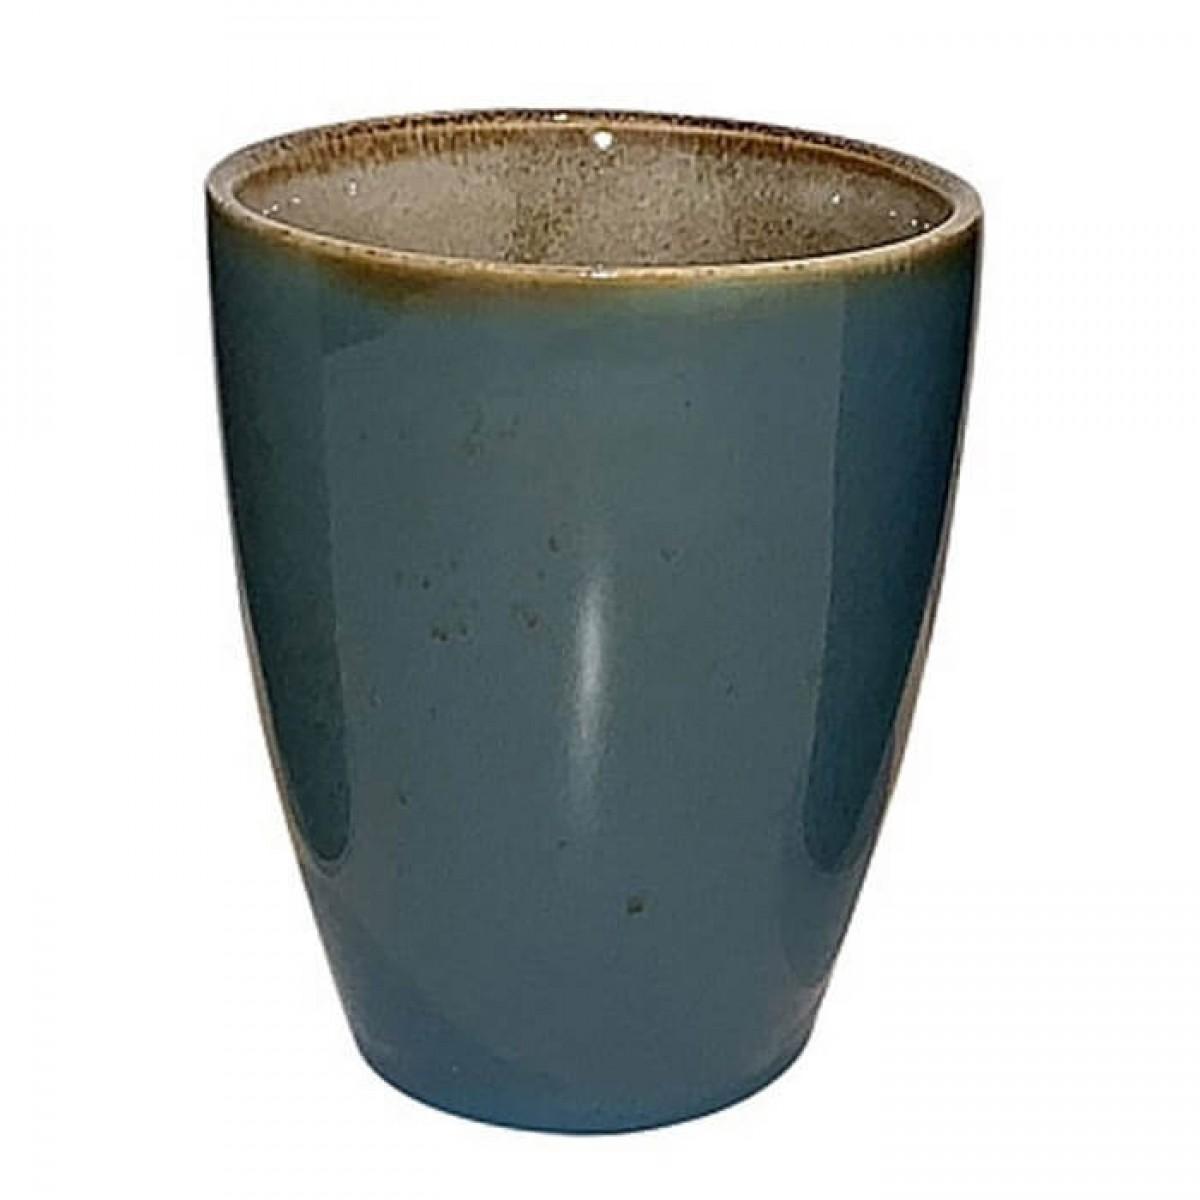 DACORE Krus uden hank 8 x 10 cm petroleum